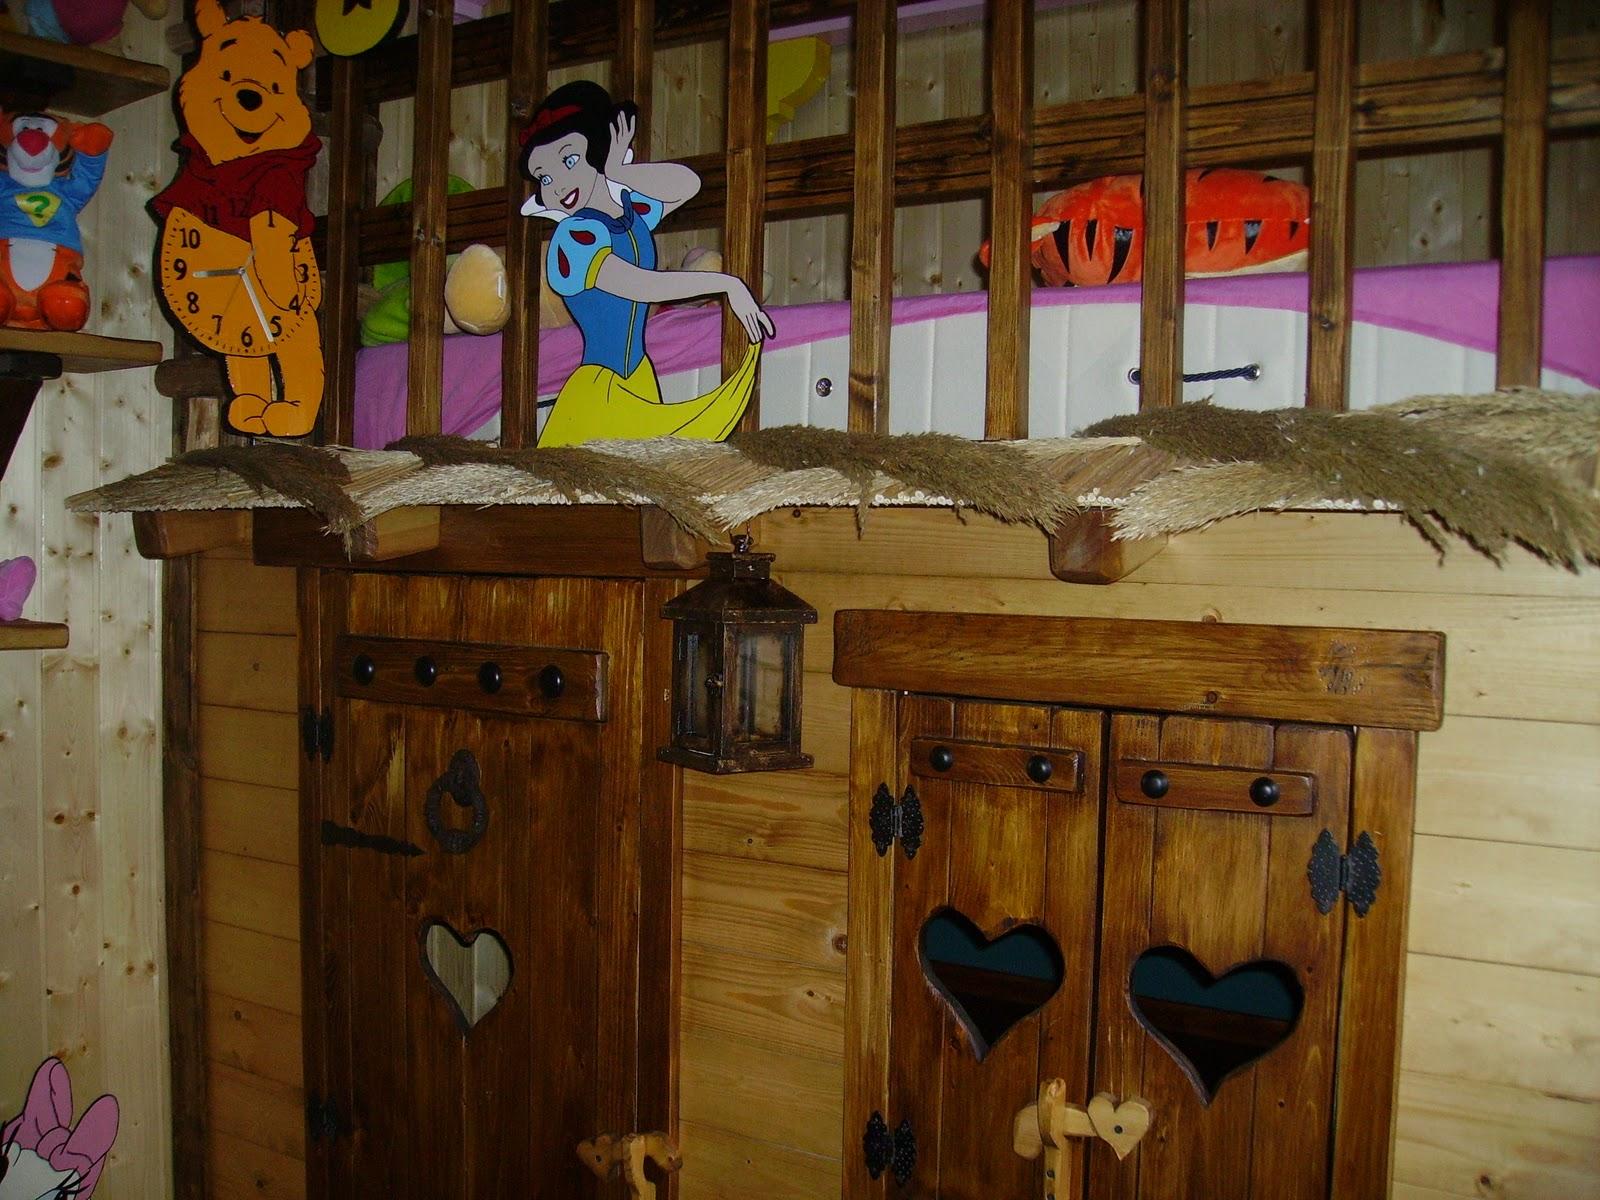 Arte en madera la casita de blancanieves - La casita de madera ...